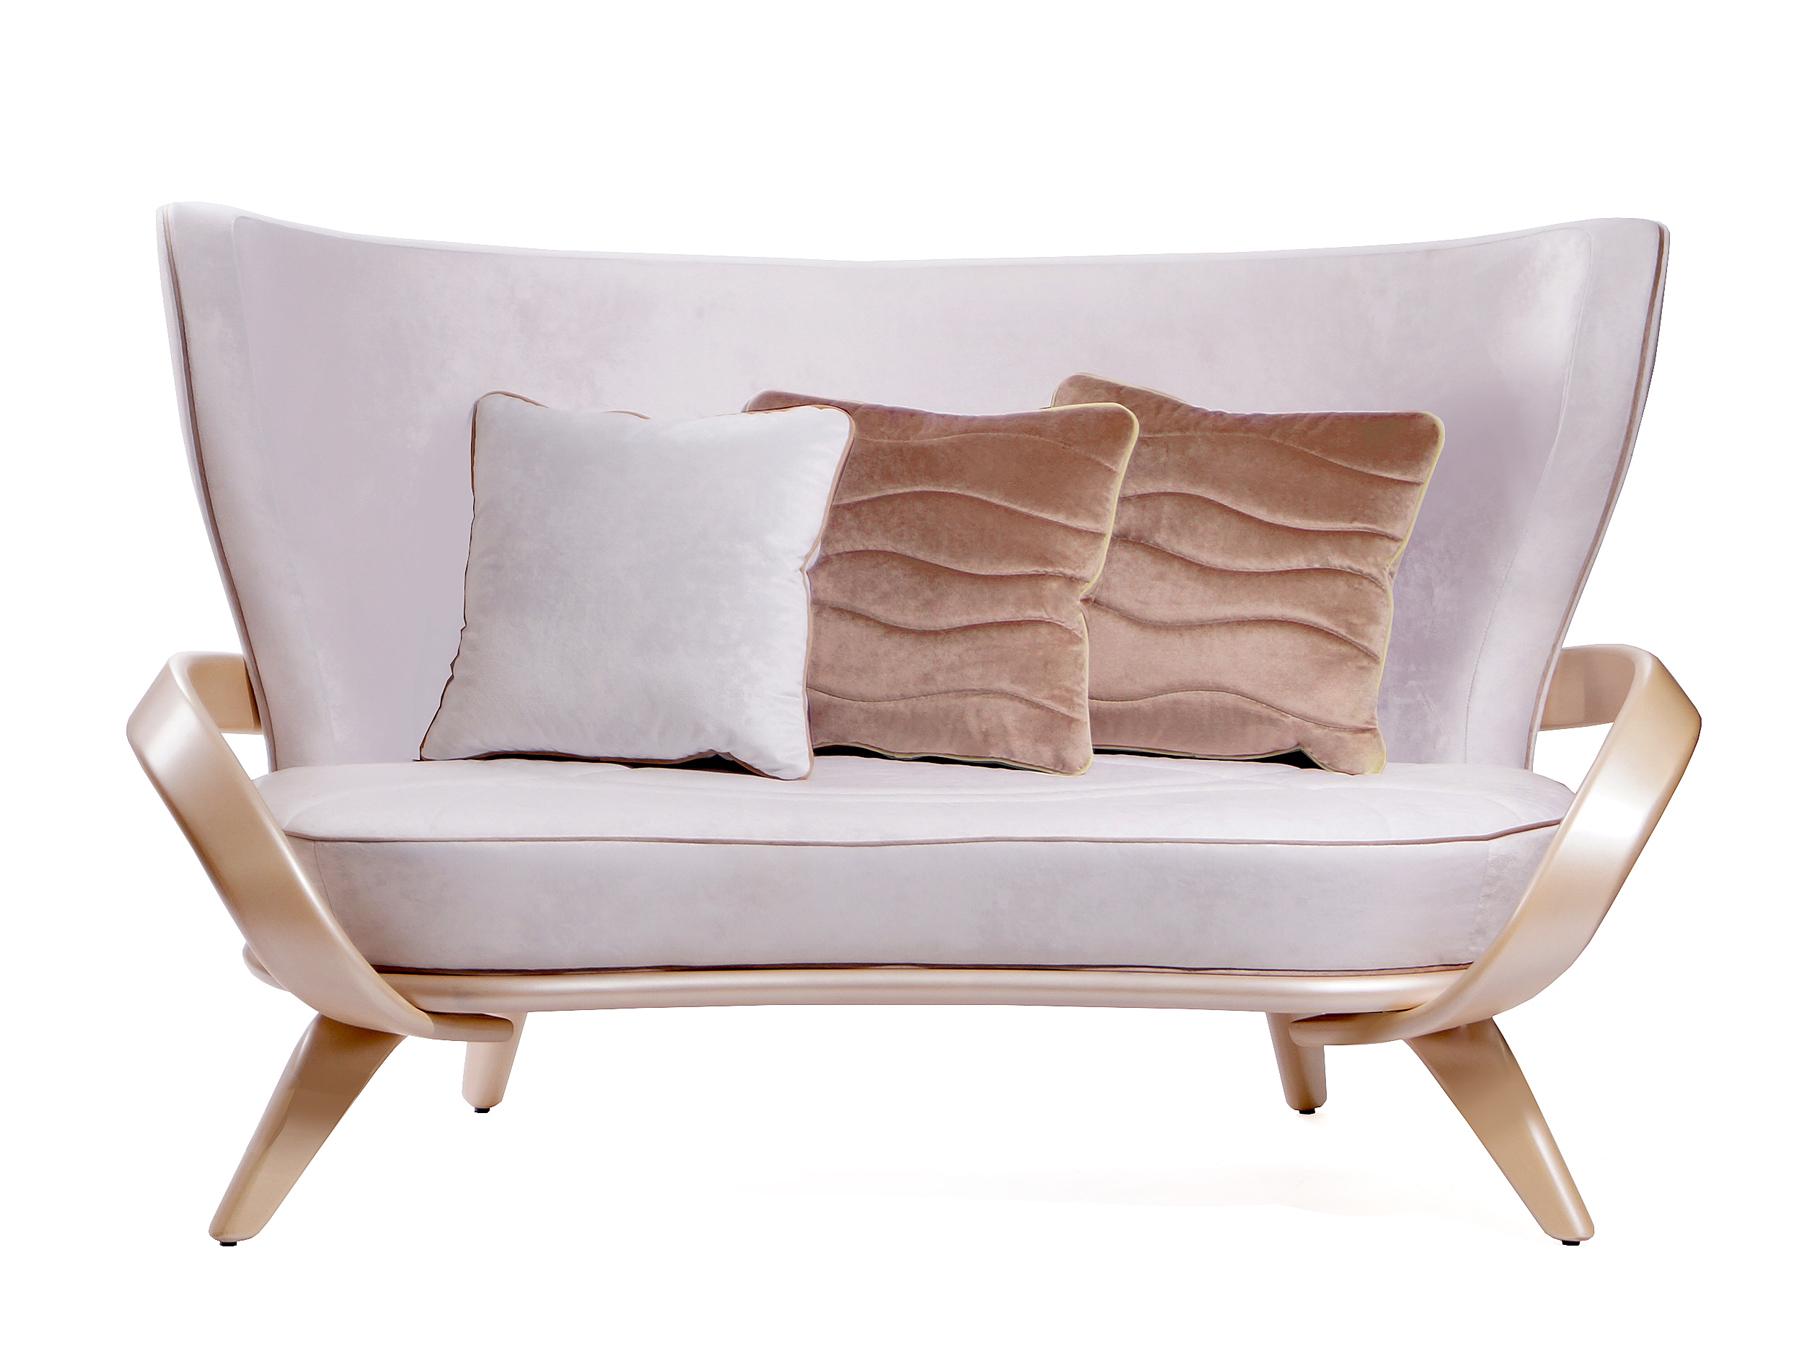 Диван «Aприори S»Двухместные диваны<br>Небольшой диванчик из симметричной серии с изящными  подлокотниками из натурального дерева. Есть модификации увеличенных размеров.&amp;amp;nbsp;&amp;lt;div&amp;gt;&amp;lt;br&amp;gt;&amp;lt;/div&amp;gt;&amp;lt;div&amp;gt;Материал<br>Натуральное дерево/береза /61тон выбеленная береза  + перламутровый эффект&amp;amp;nbsp;&amp;lt;/div&amp;gt;&amp;lt;div&amp;gt;Обивка <br>Экокожа наппа белая.&amp;lt;/div&amp;gt;<br><br>Material: Кожа<br>Length см: None<br>Width см: 190<br>Depth см: 85<br>Height см: 95